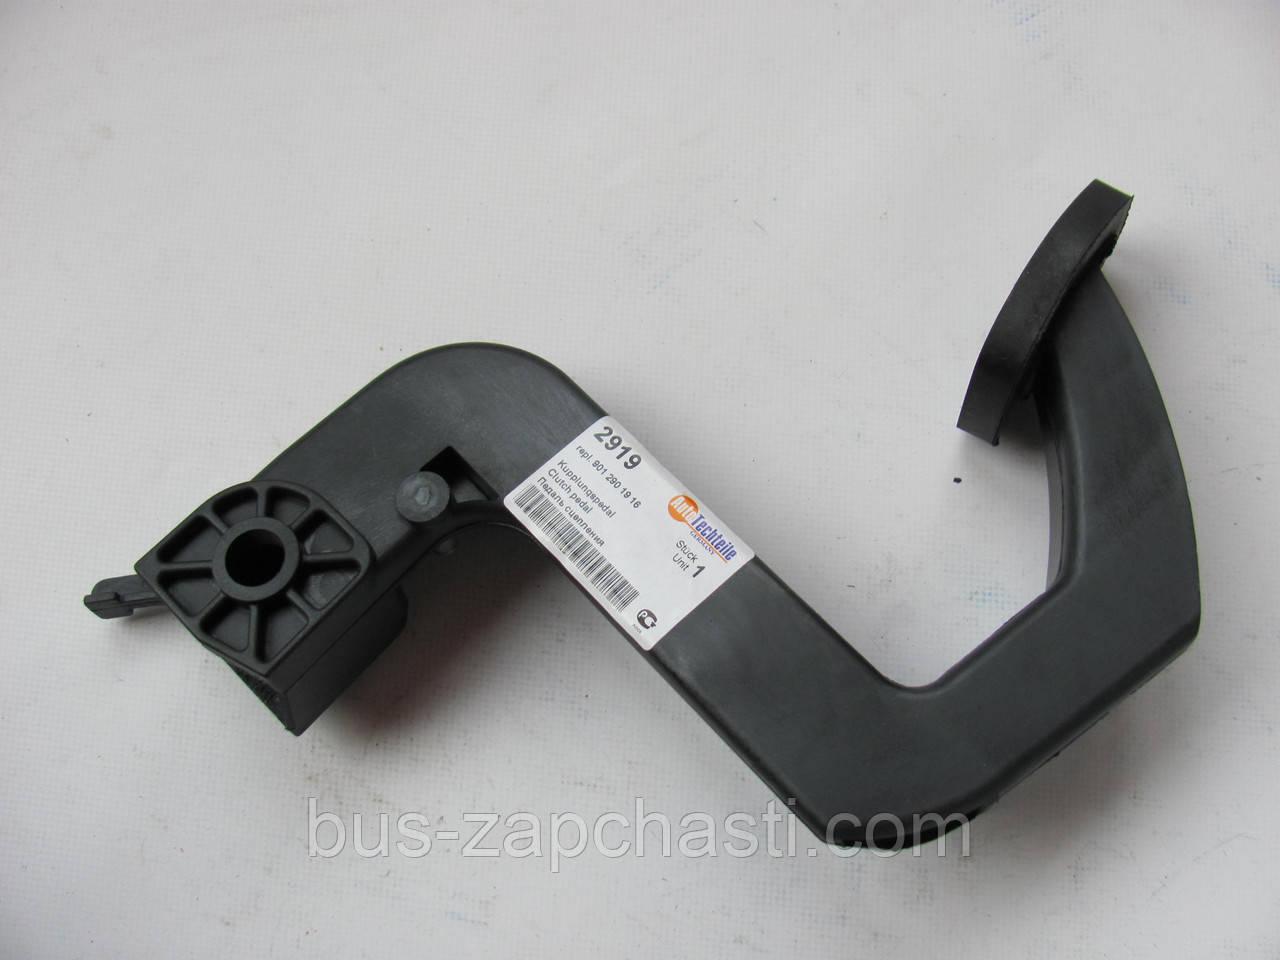 Педаль сцепления MB Sprinter CDI/TDI, VW LT 2.5 TDI 1996-2006 — Autotechteile (Германия) — 100 2919